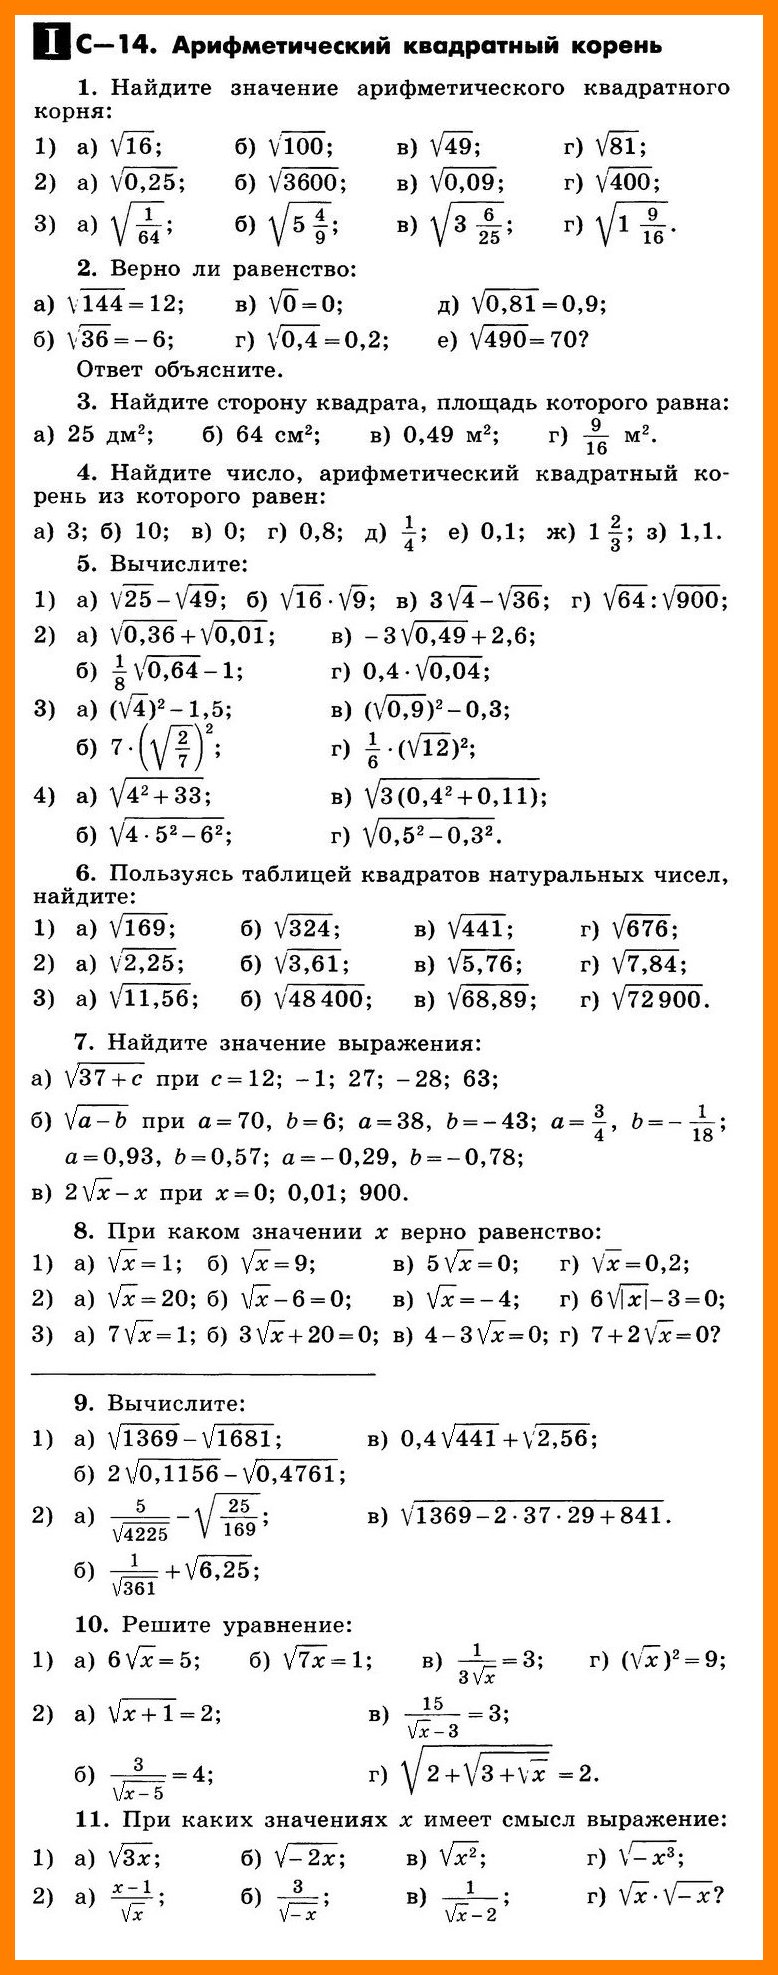 Арифметический квадратный корень